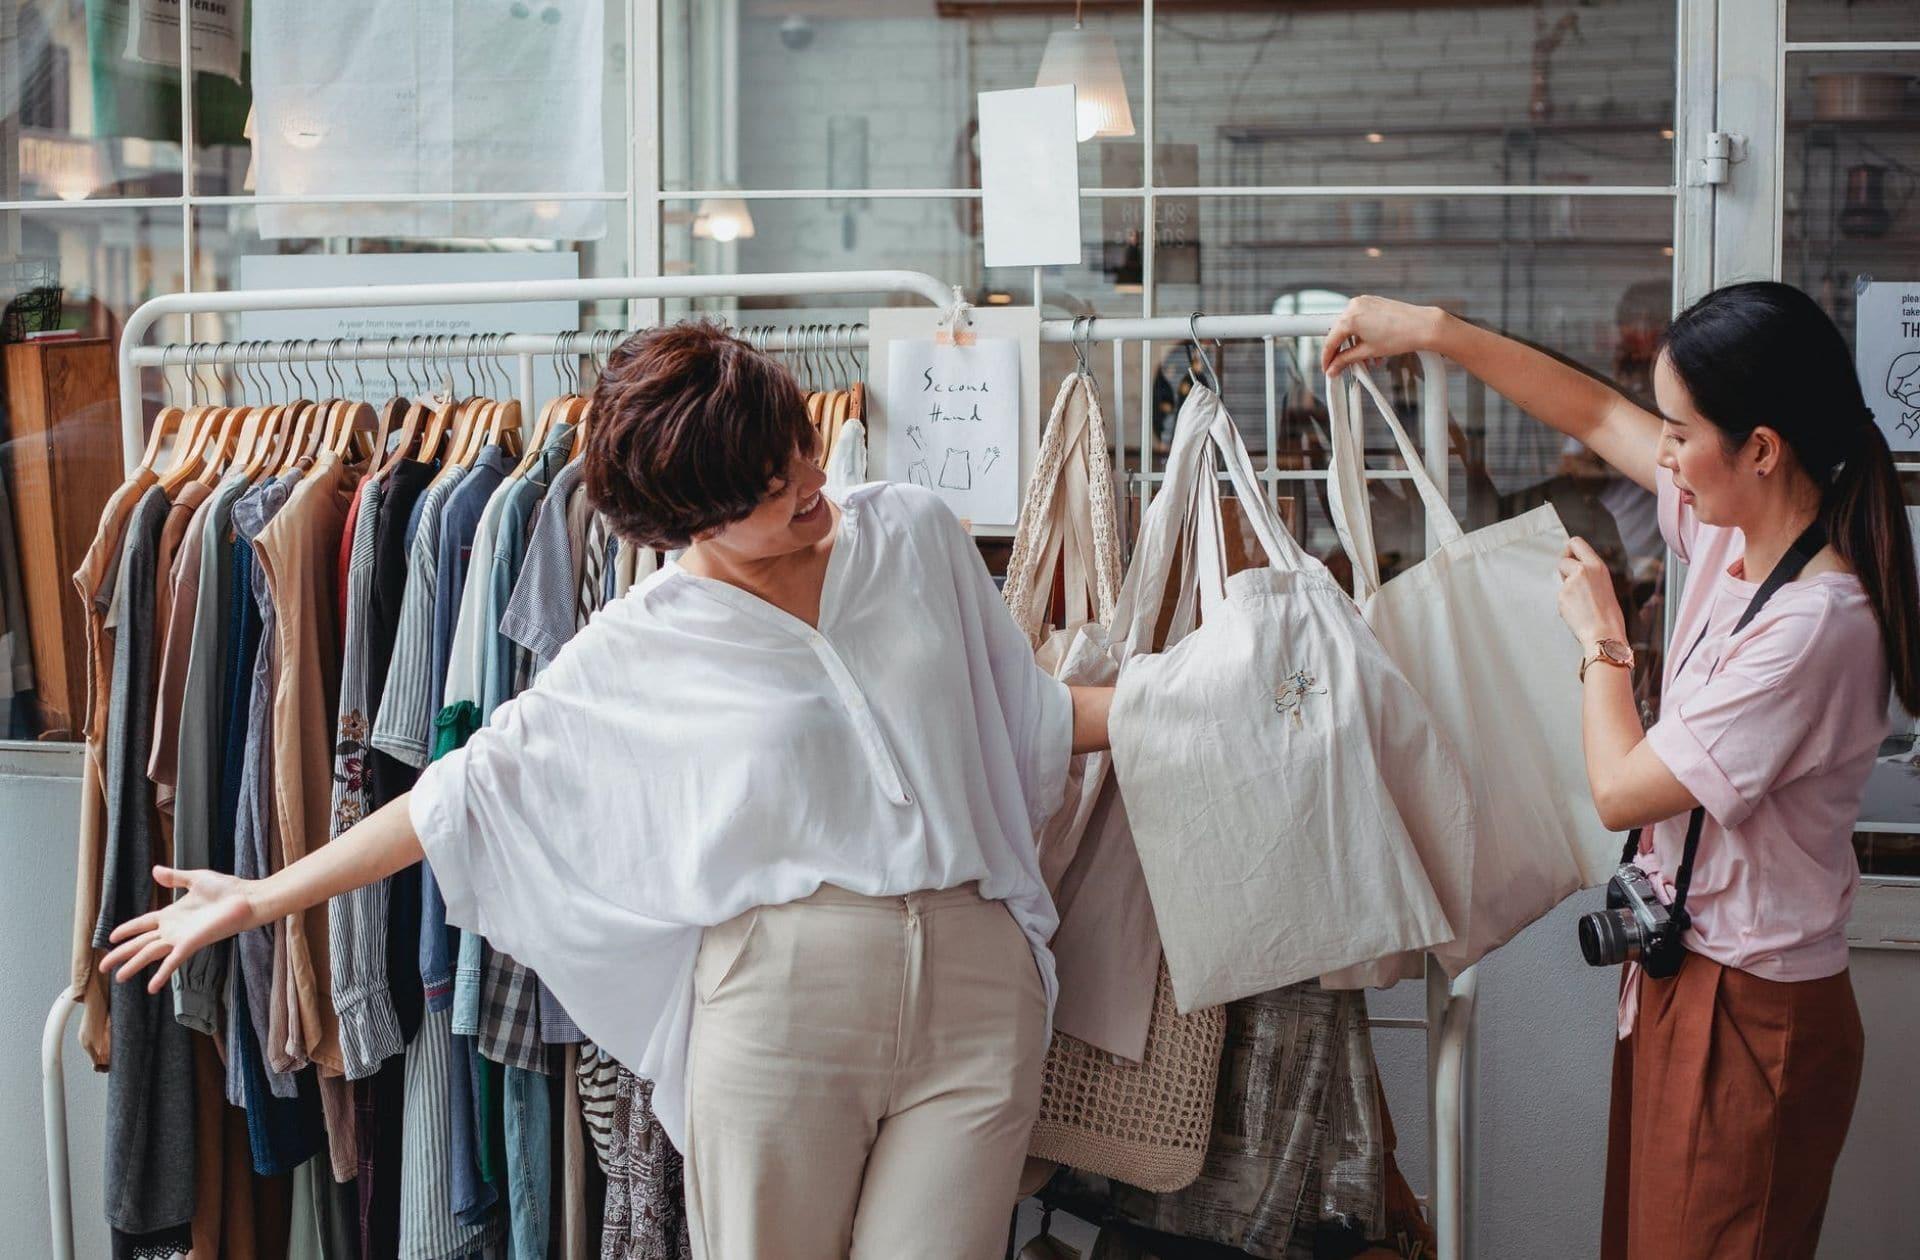 La Boutique sans argent, une chouette idée écologique et solidaire